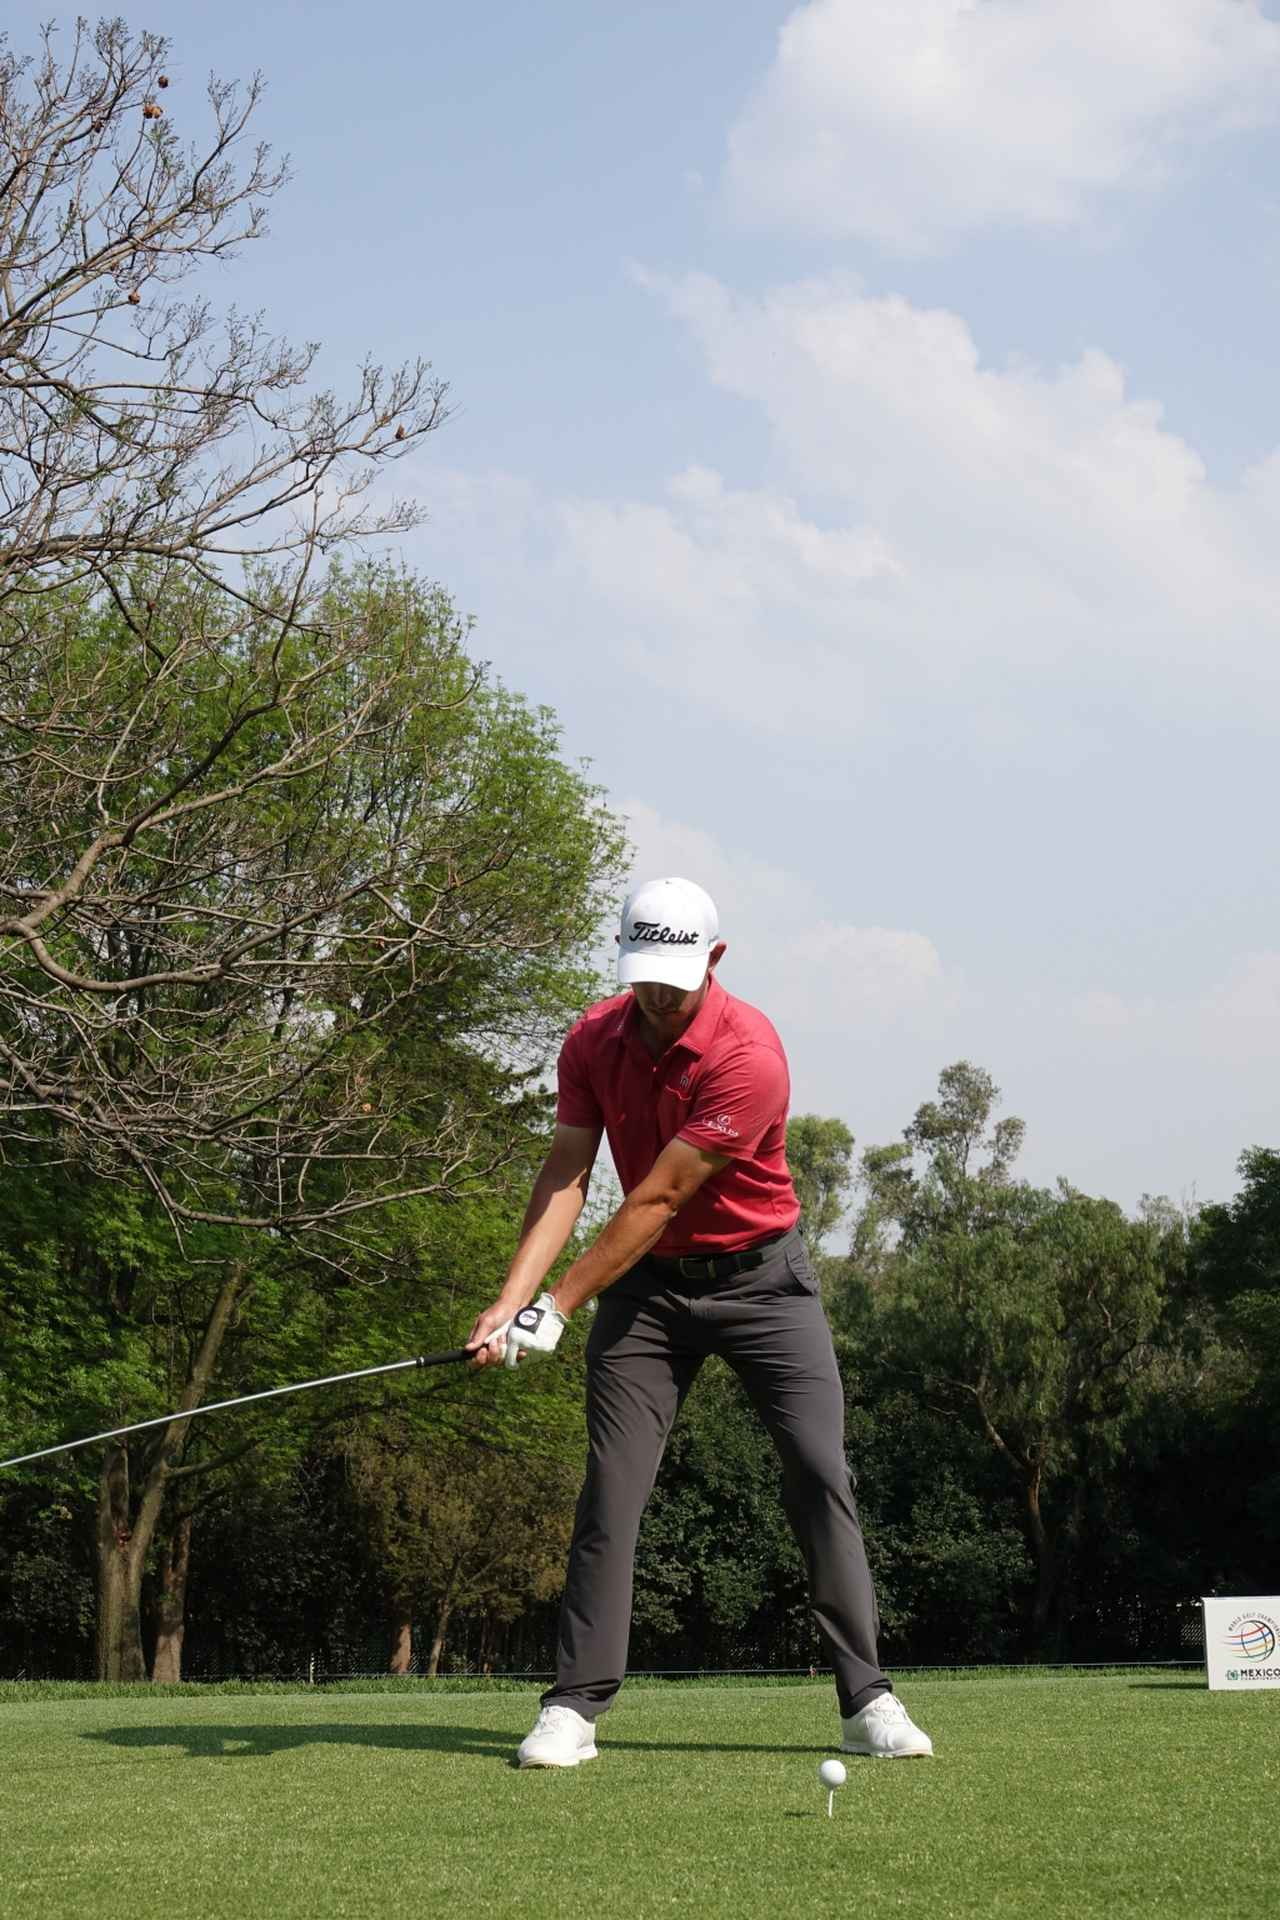 Images : 3番目の画像 - パトリック・カントレーのドライバー連続写真 - みんなのゴルフダイジェスト